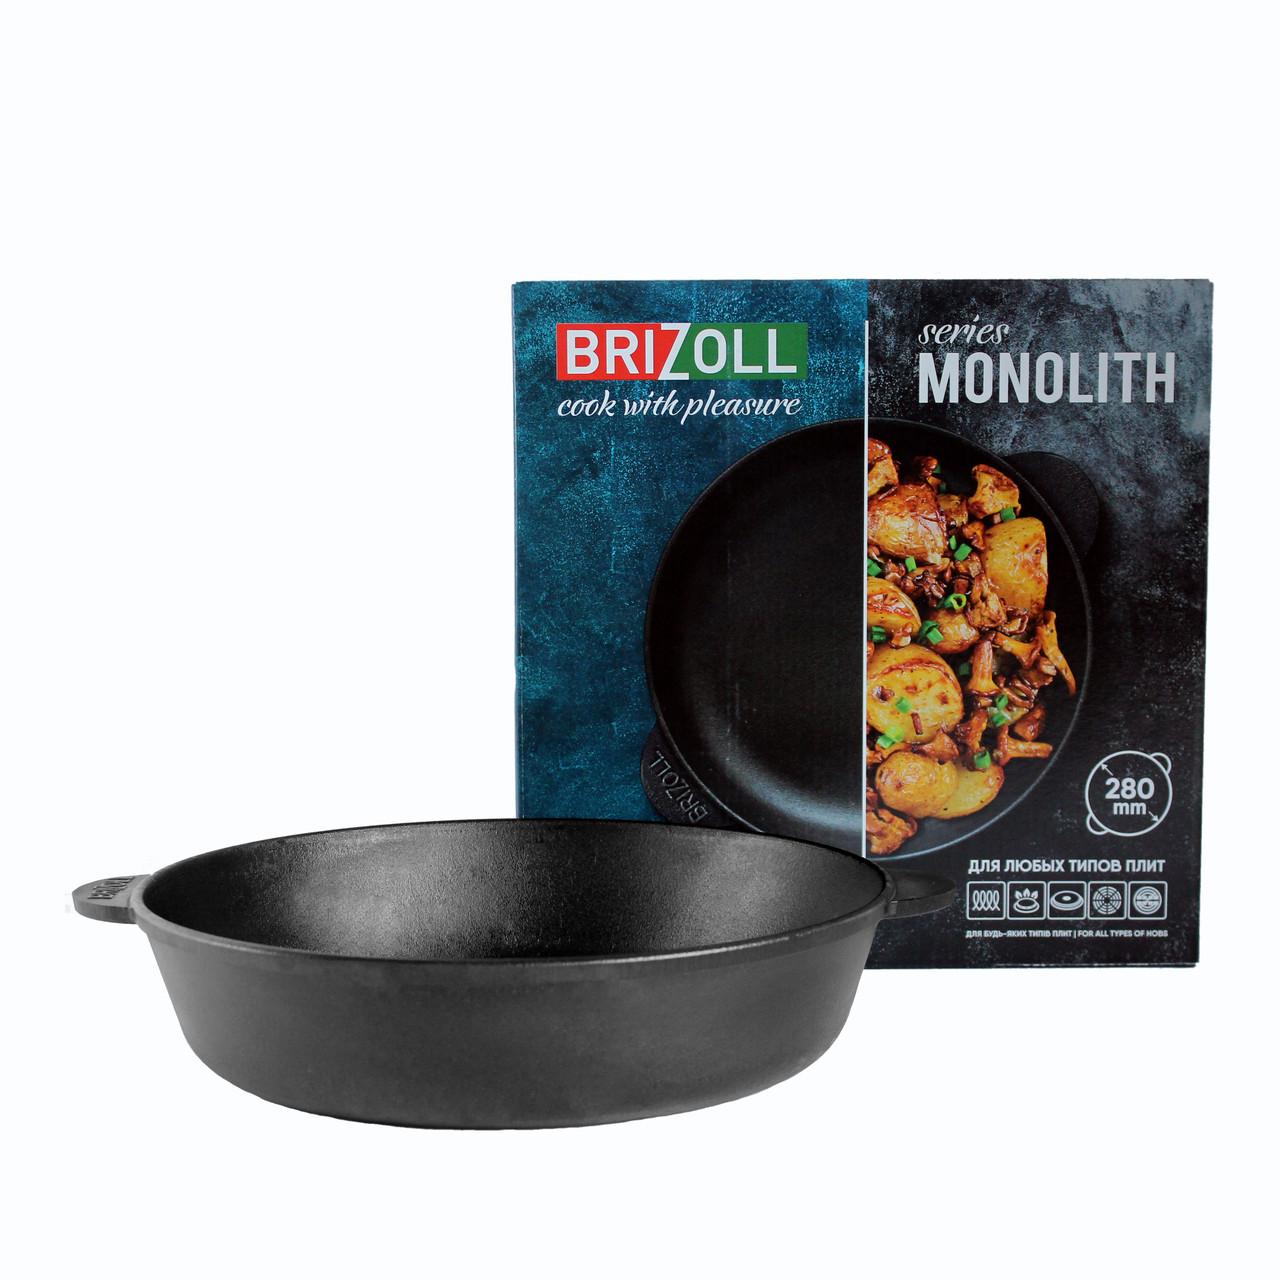 Сковорода чугунная без ручки Brizoll жаровня 280х60 мм Бризоль